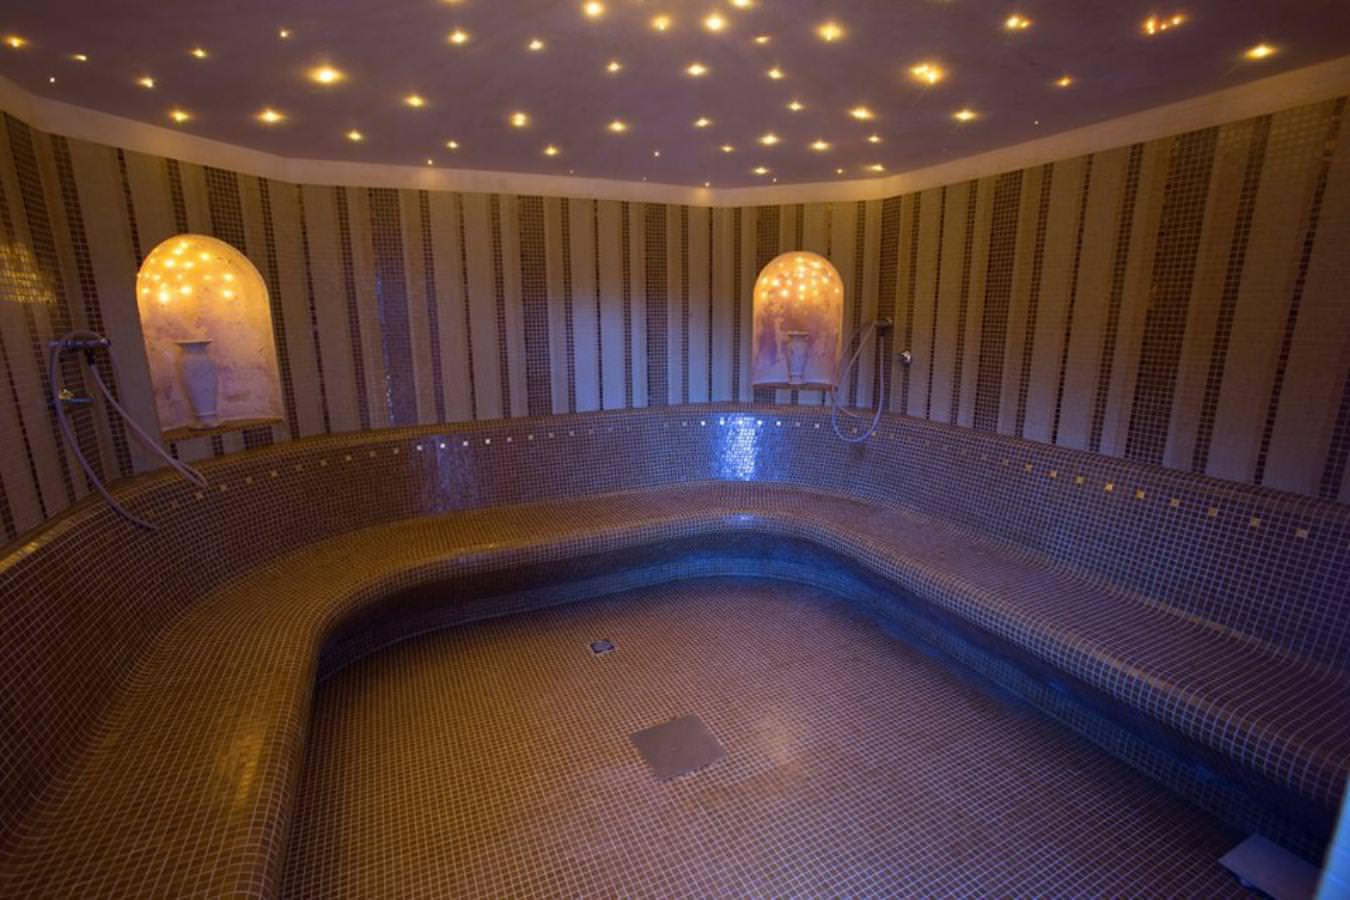 bagno turco sauna verona ~ Comarg.com = Lussuoso Design del Bagno ...